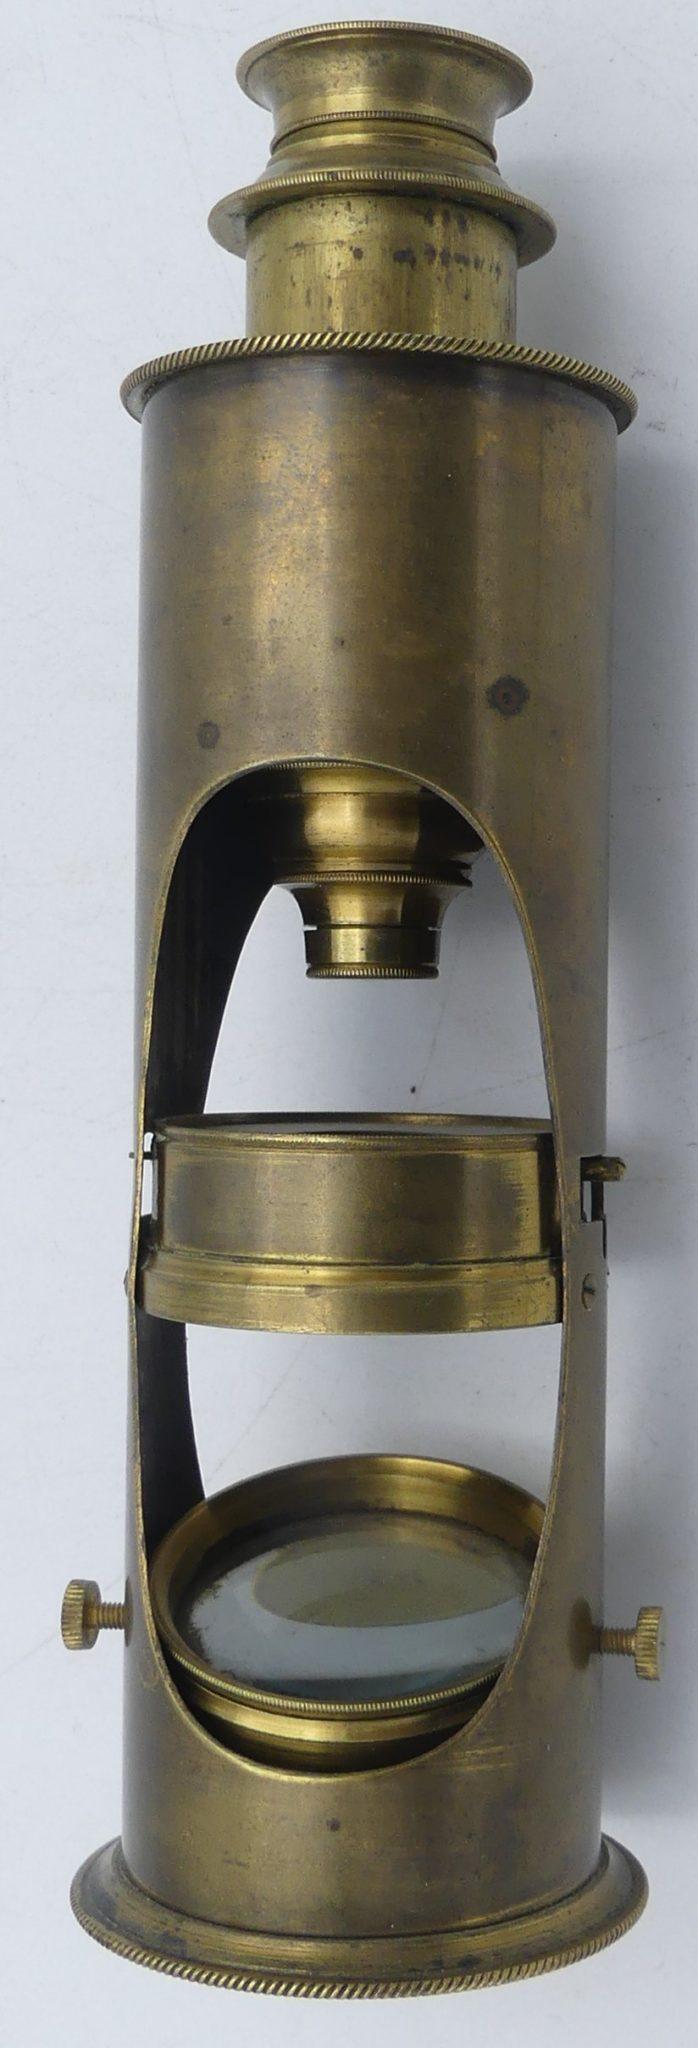 A rare Jecker drum microscope, circa 1810